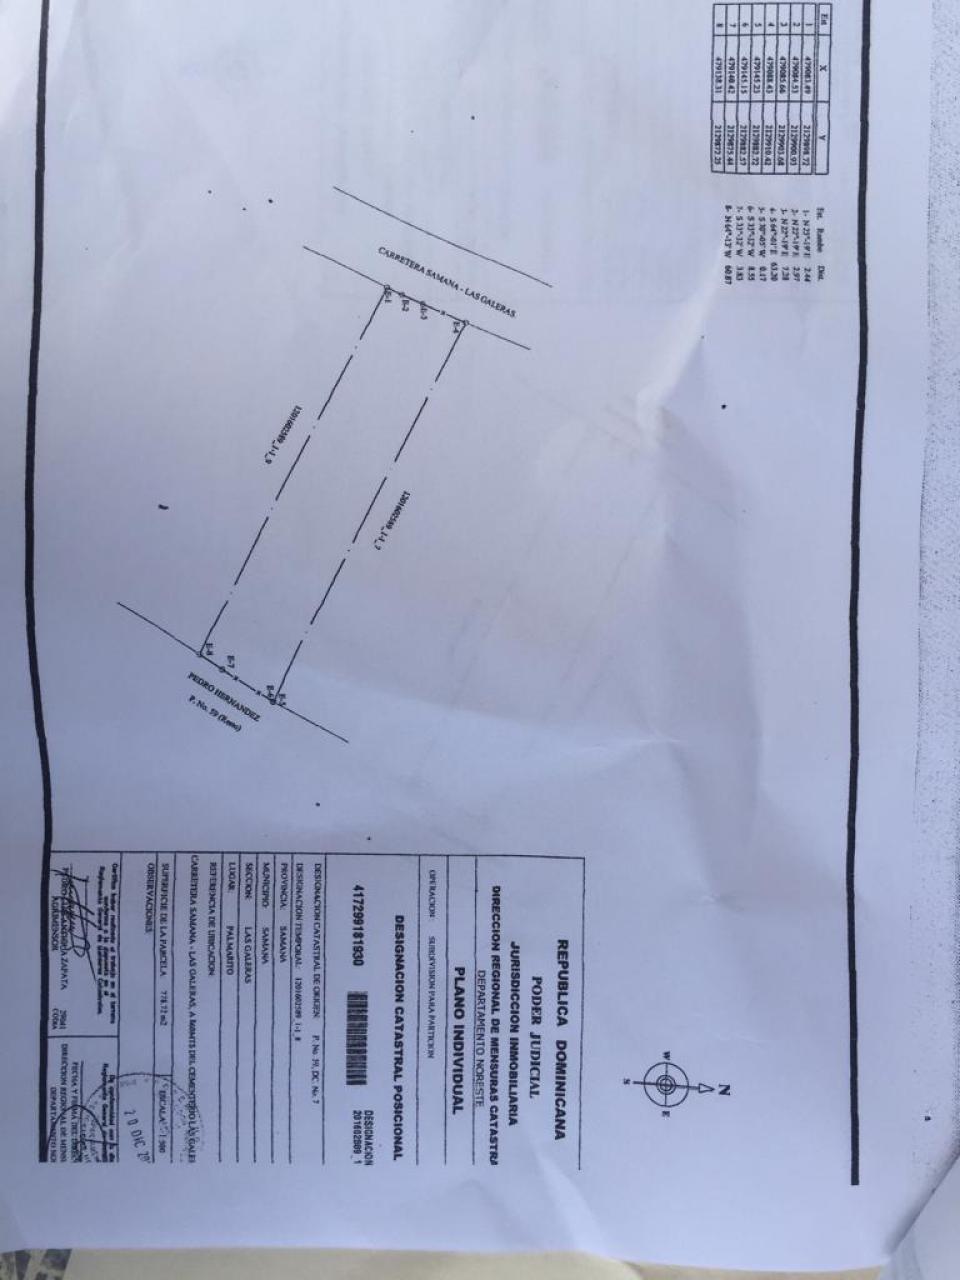 Terreno en venta en el sector SAMANÁ precio US$ 93,411.60 US$93,412